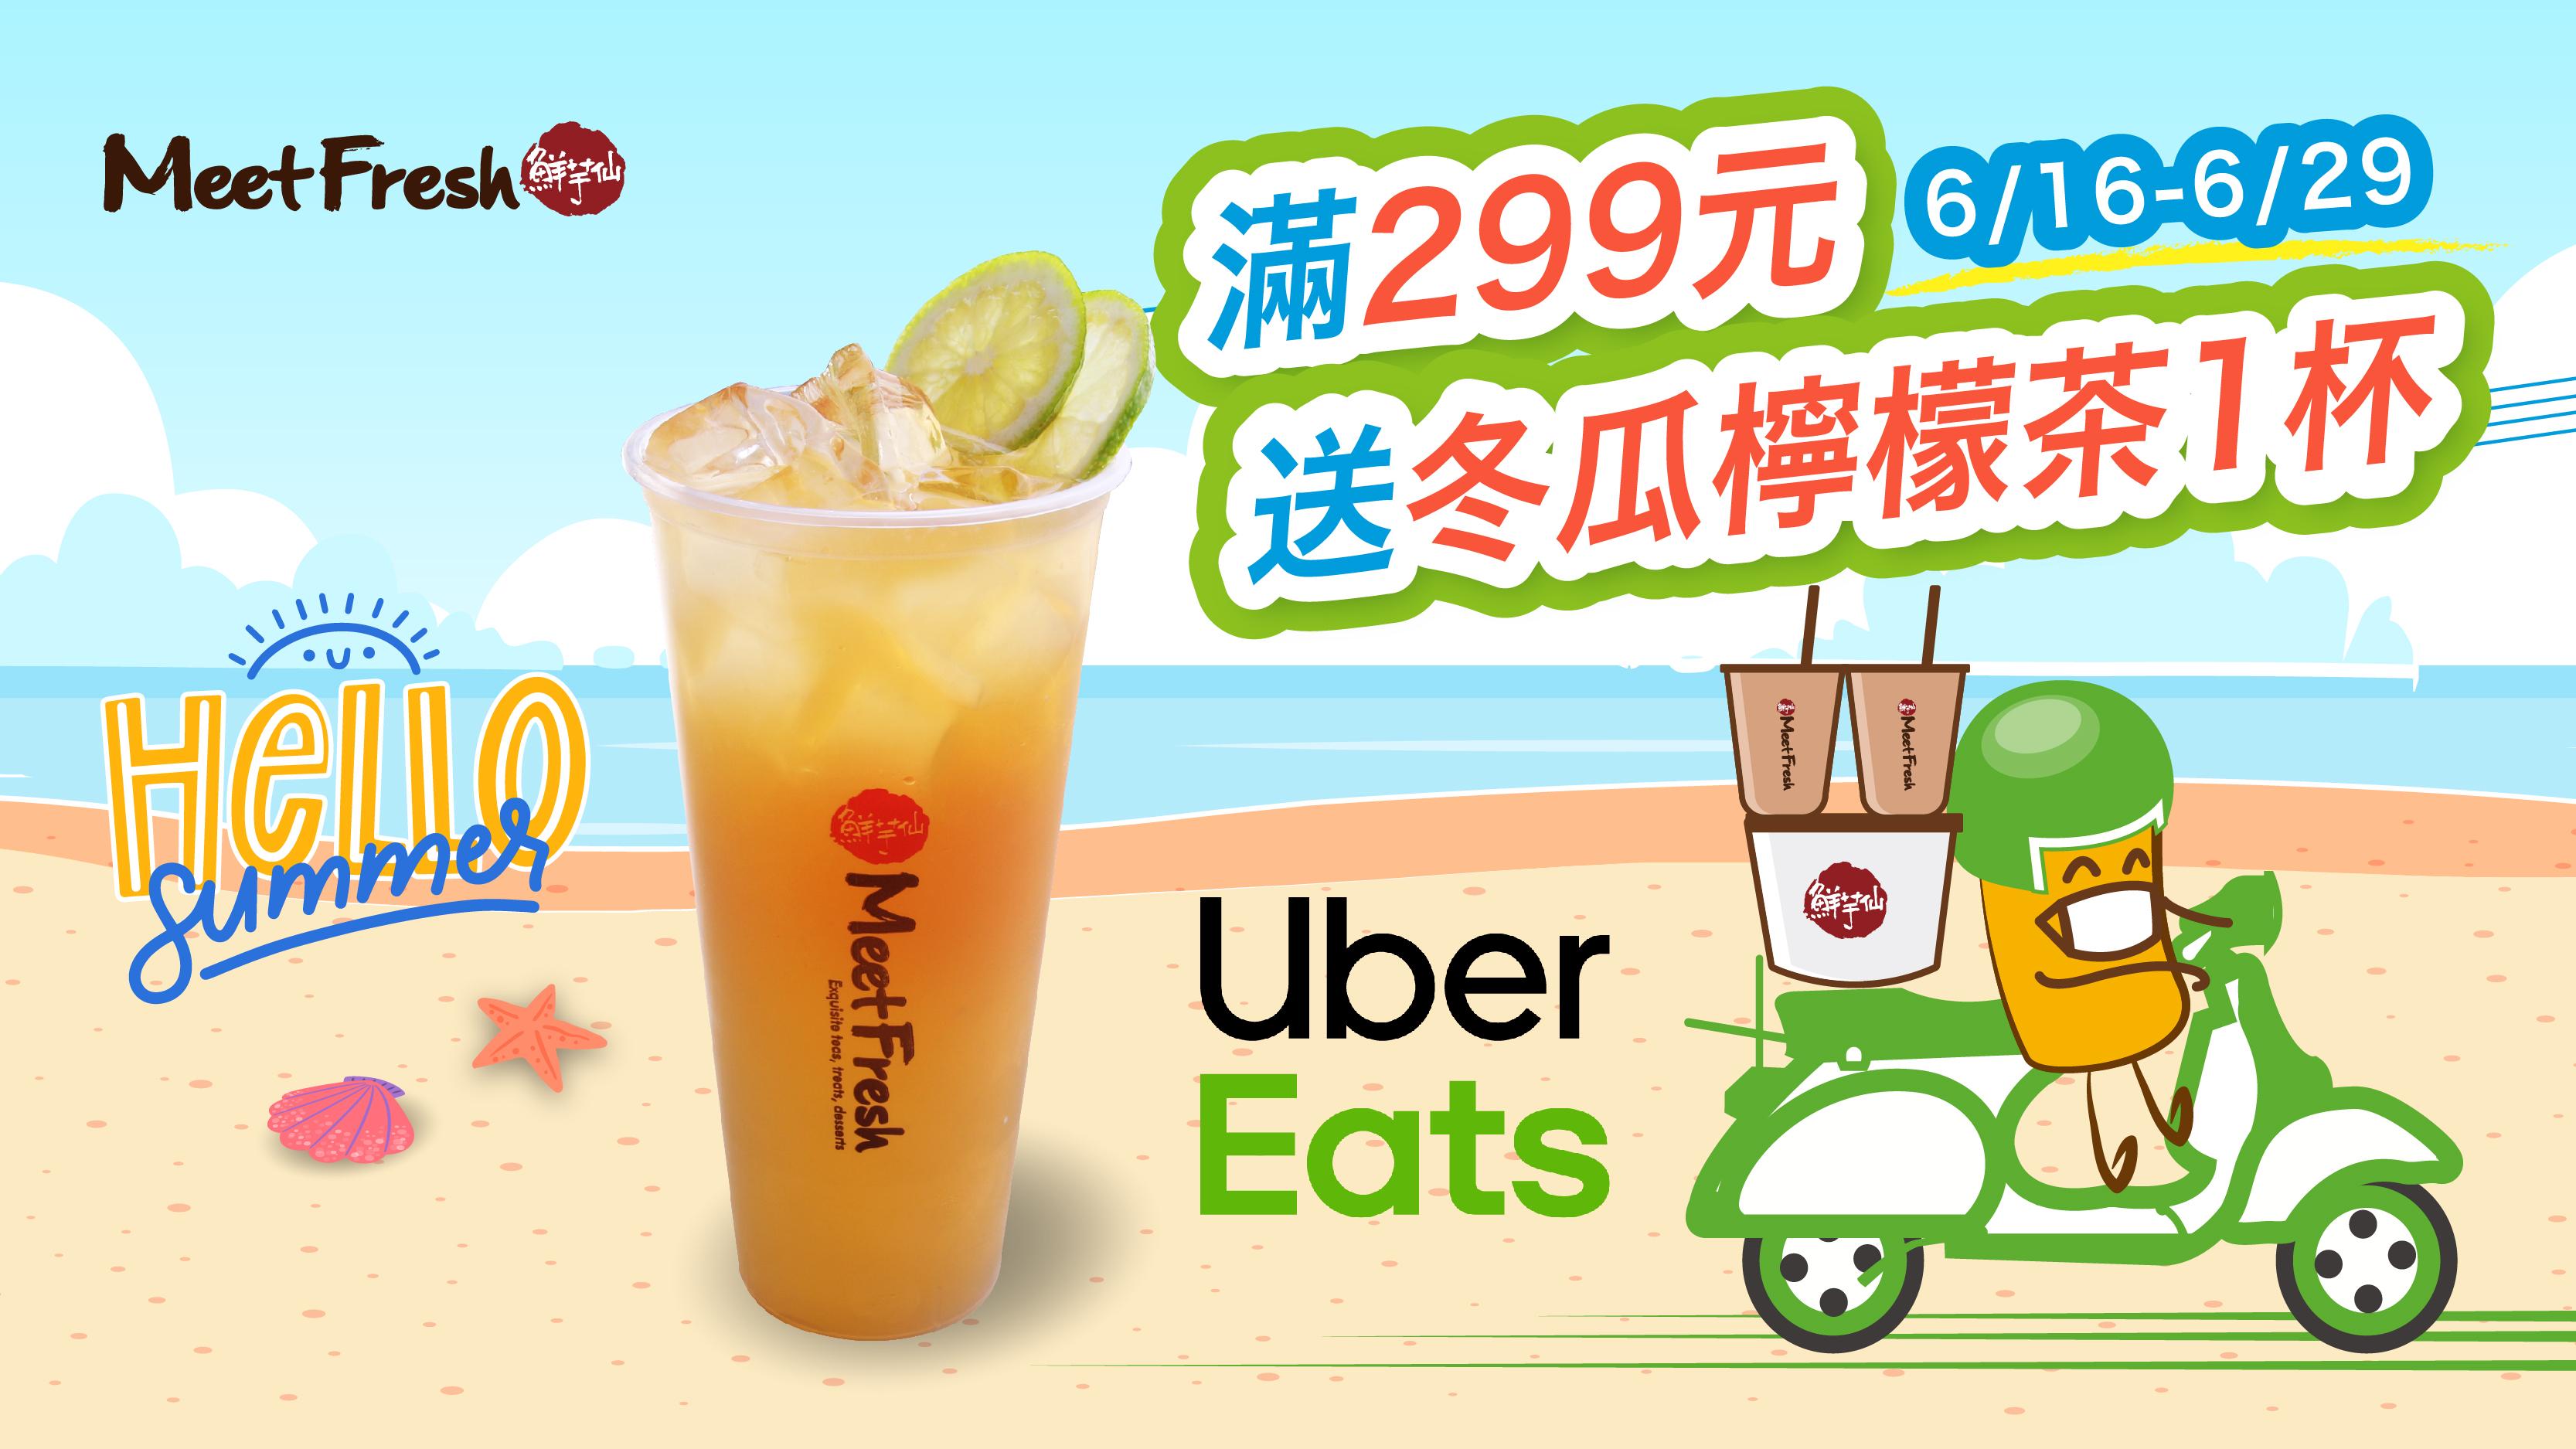 鮮芋仙×Uber Eats